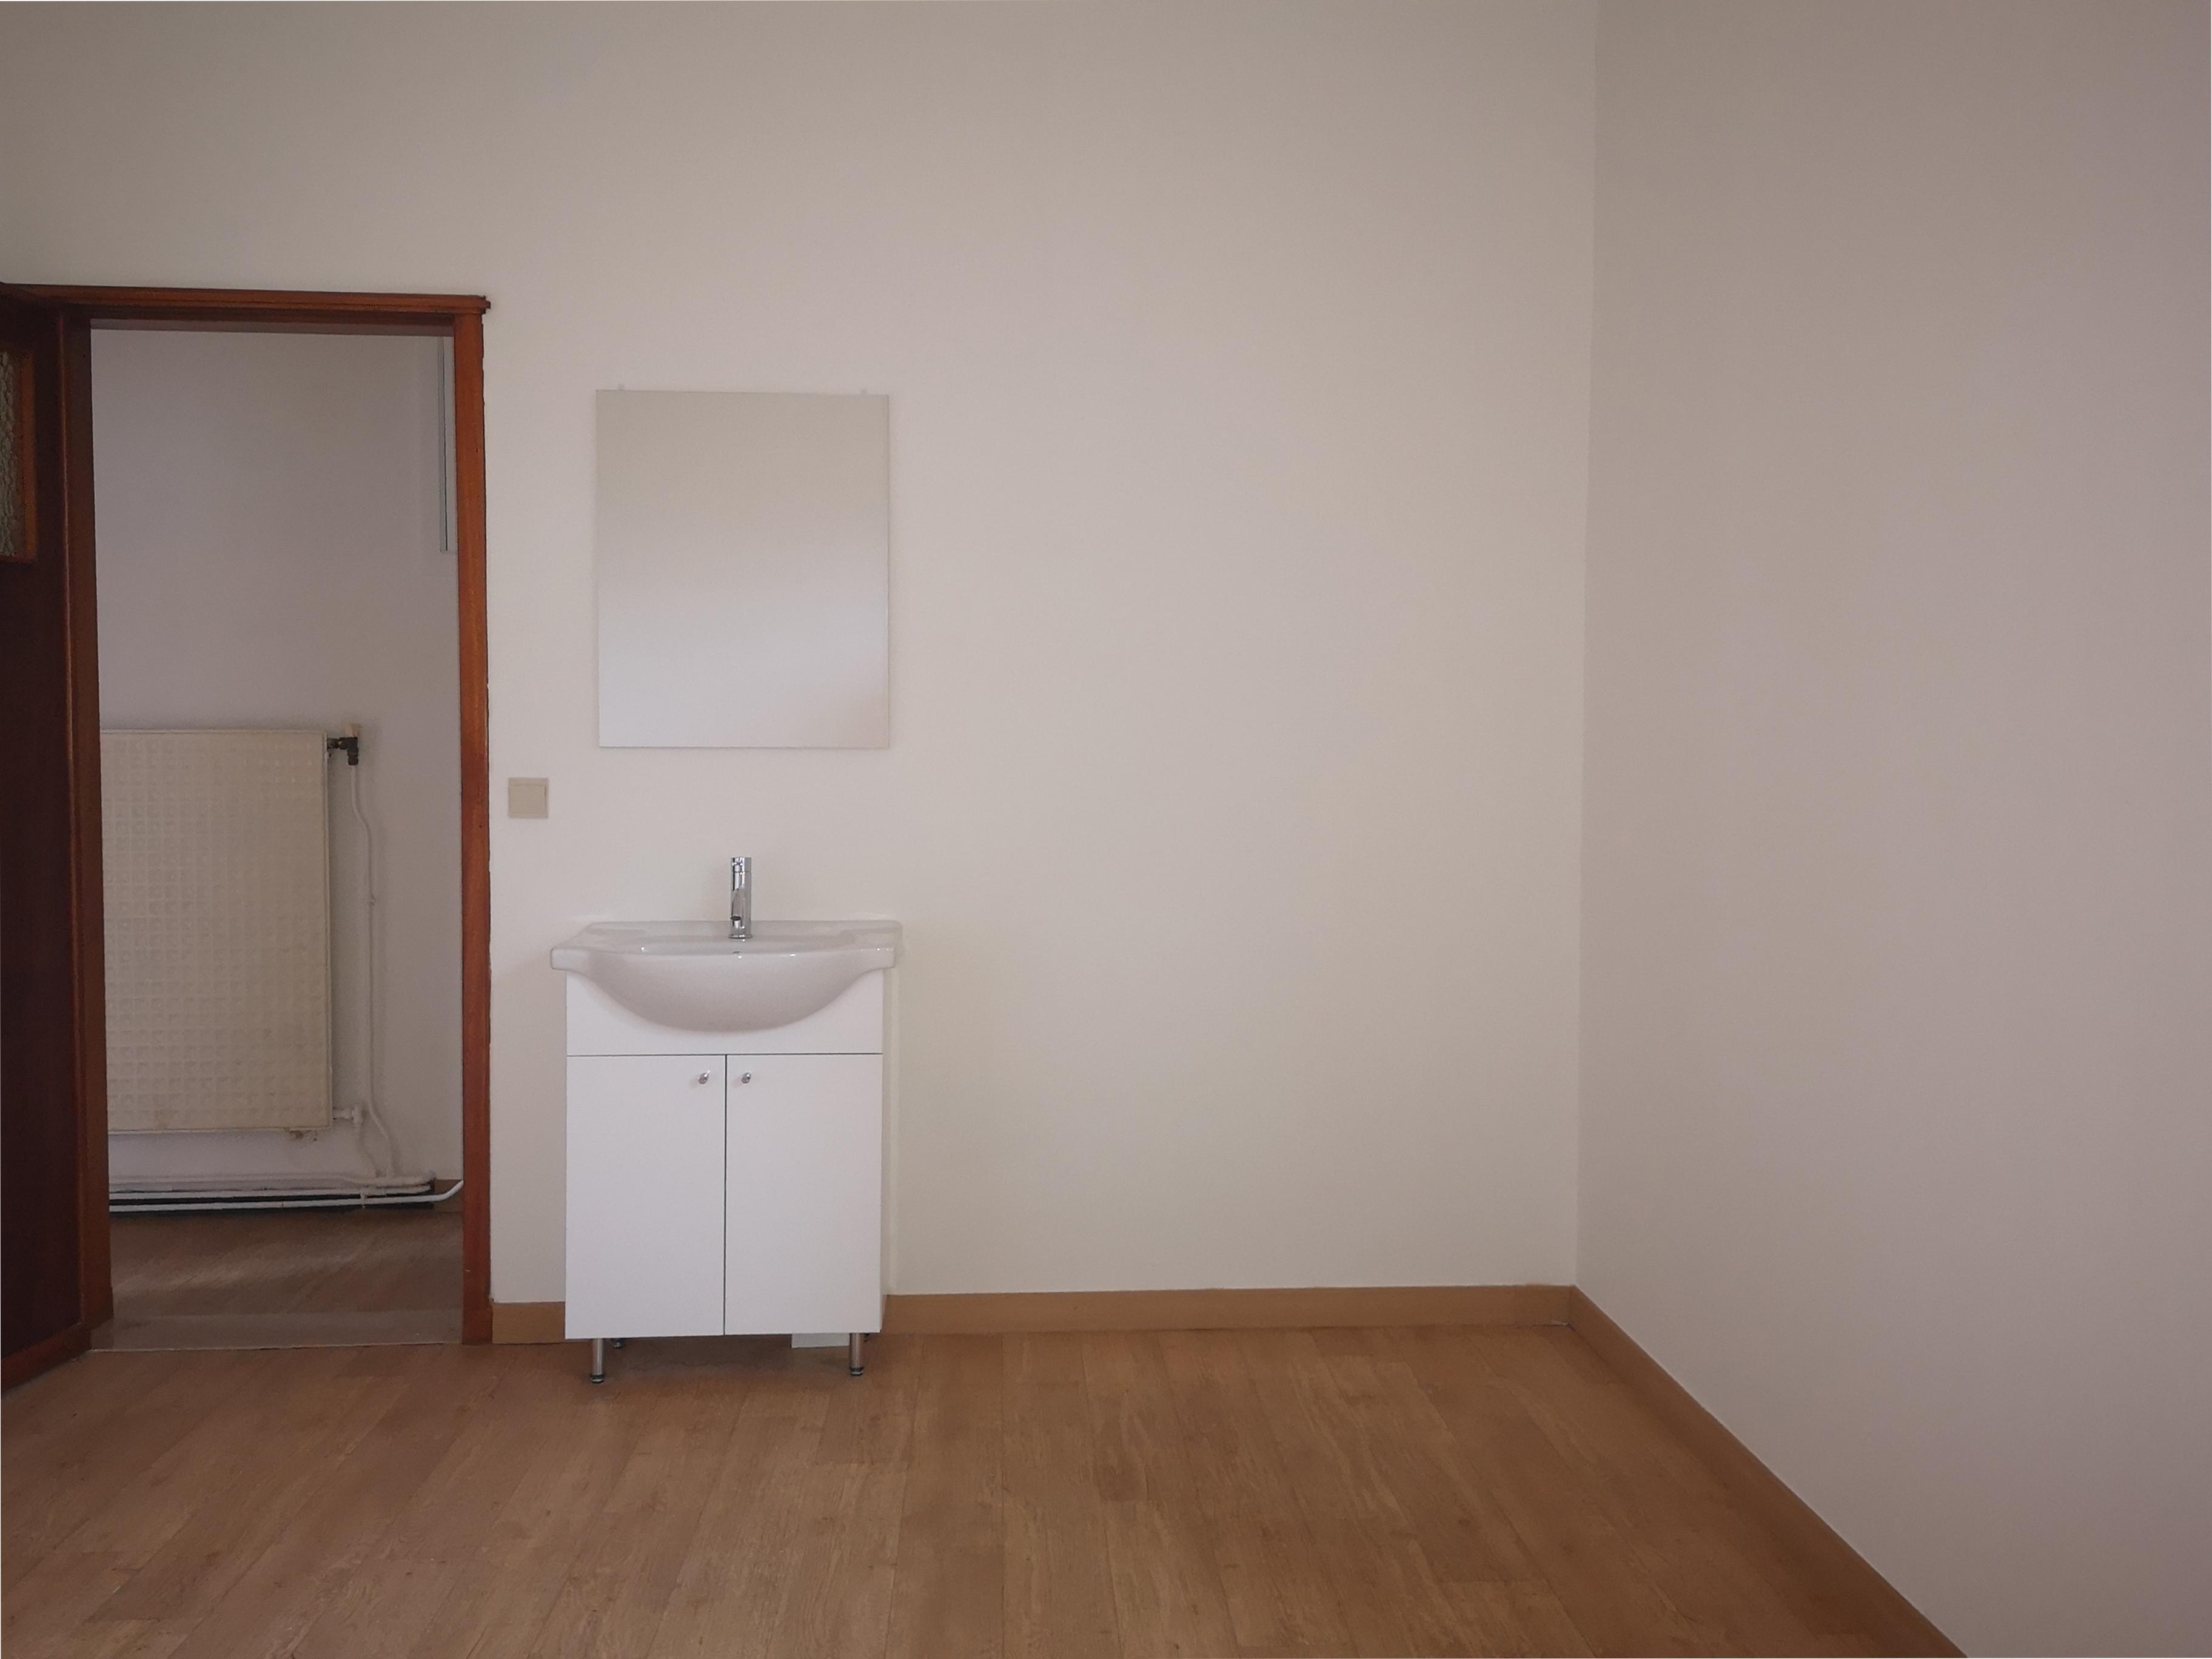 slk lavabo